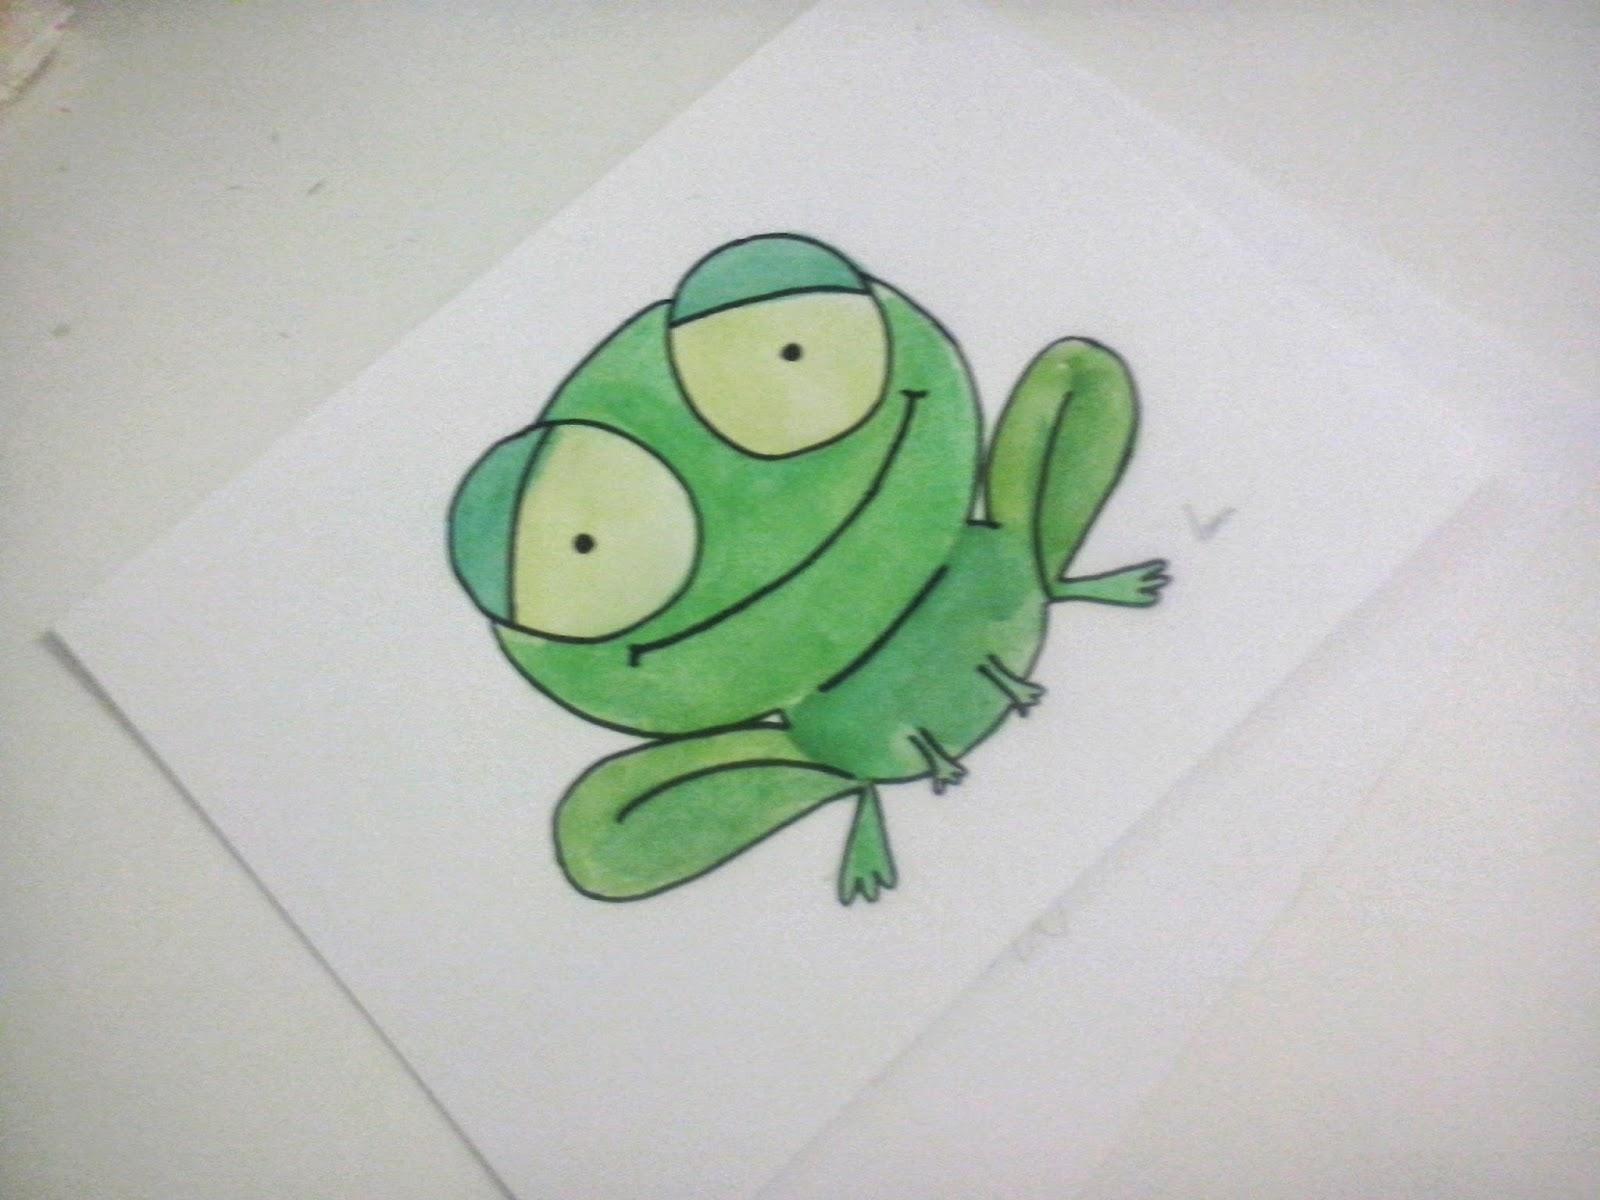 cómo dibujar una rana a partir de círculos